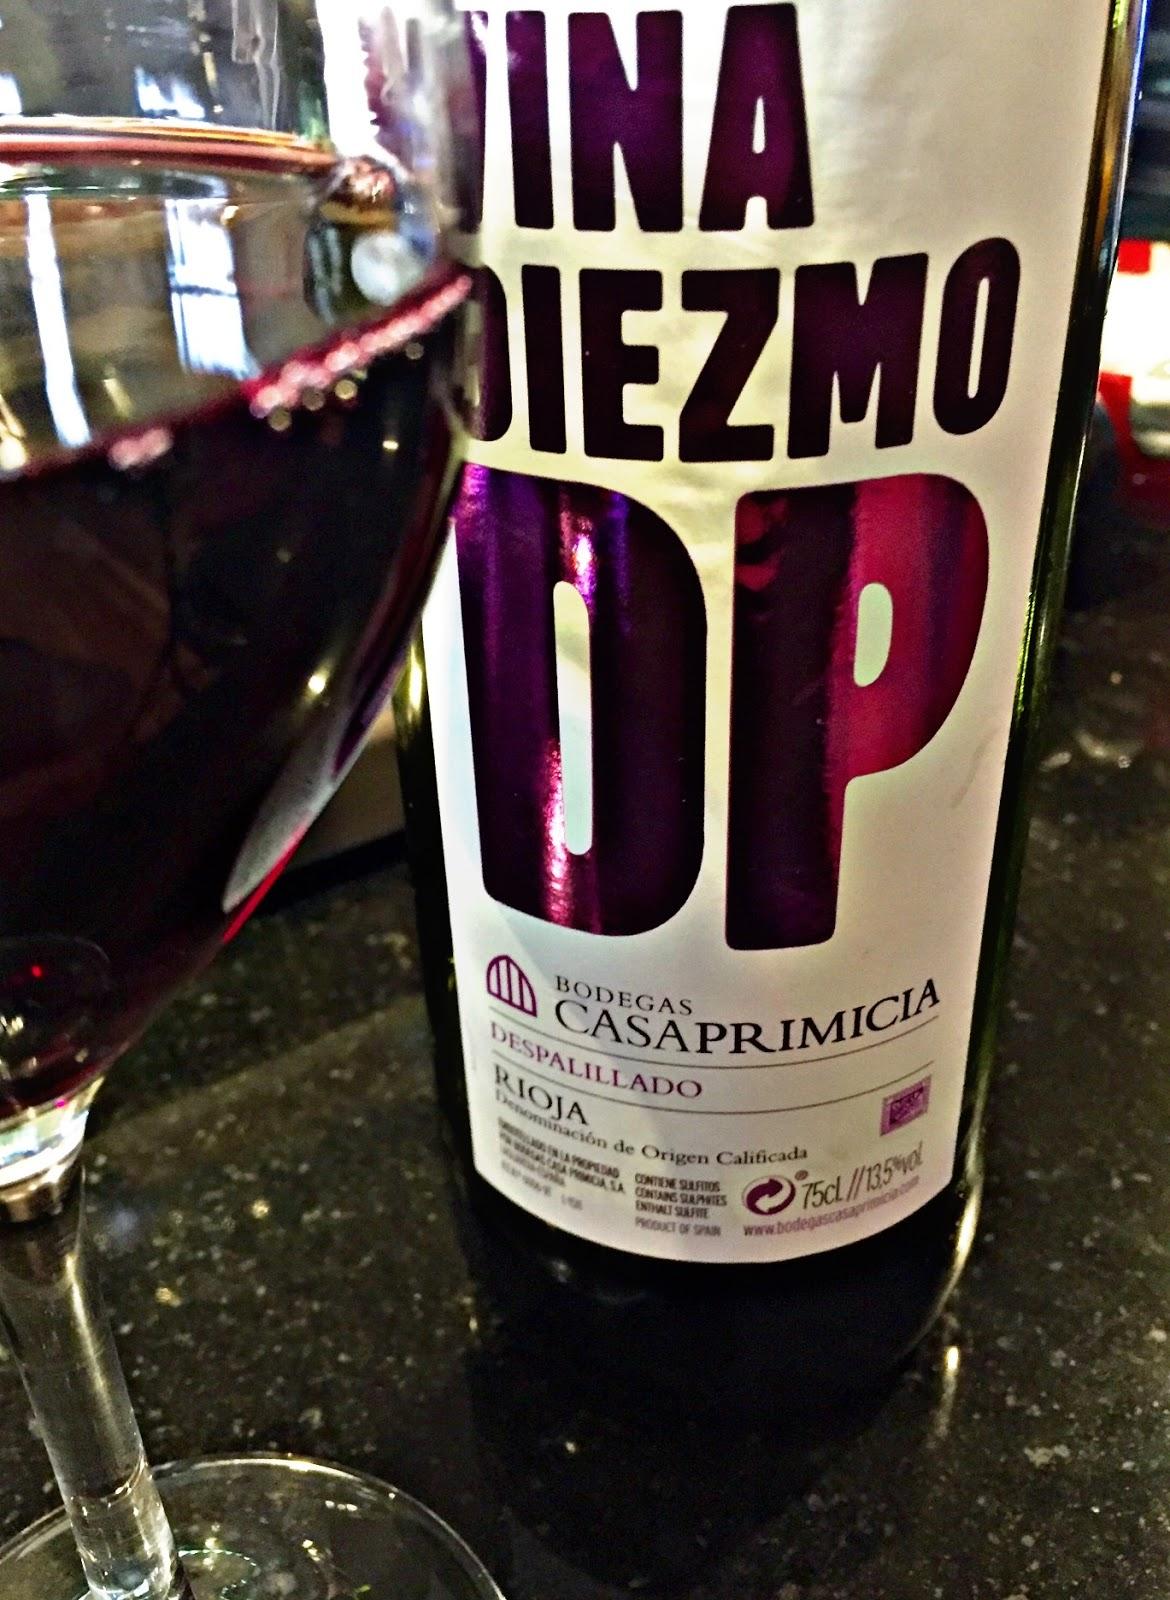 El alma del vino bodegas casa primicia vi a diezmo tinto joven 2015 - Bodegas casa primicia ...